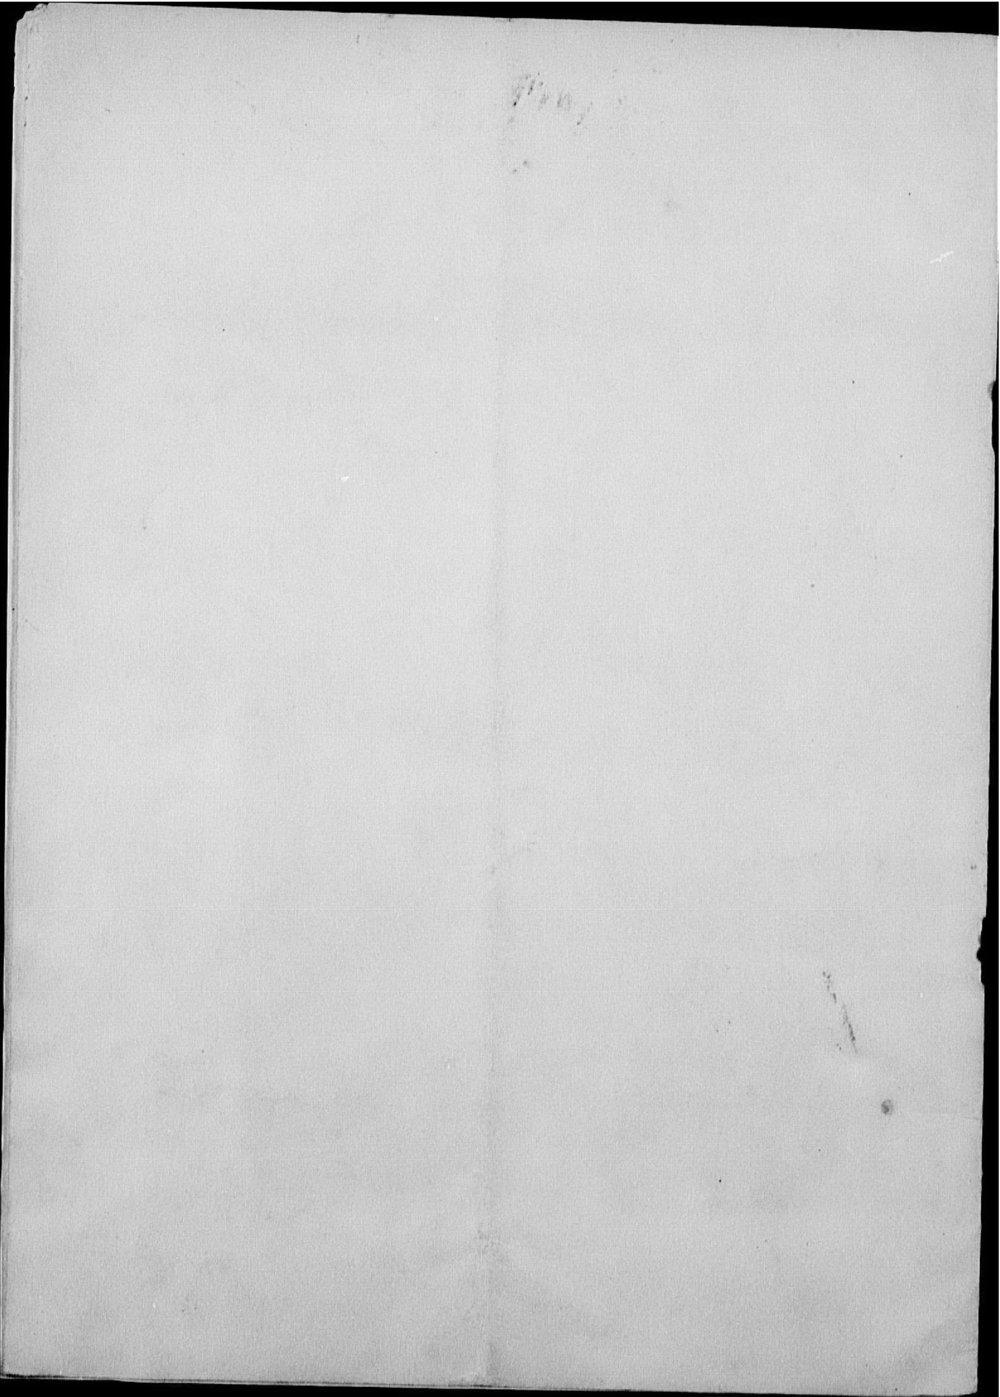 The Kansas Star, volume 52, number 6 - Back